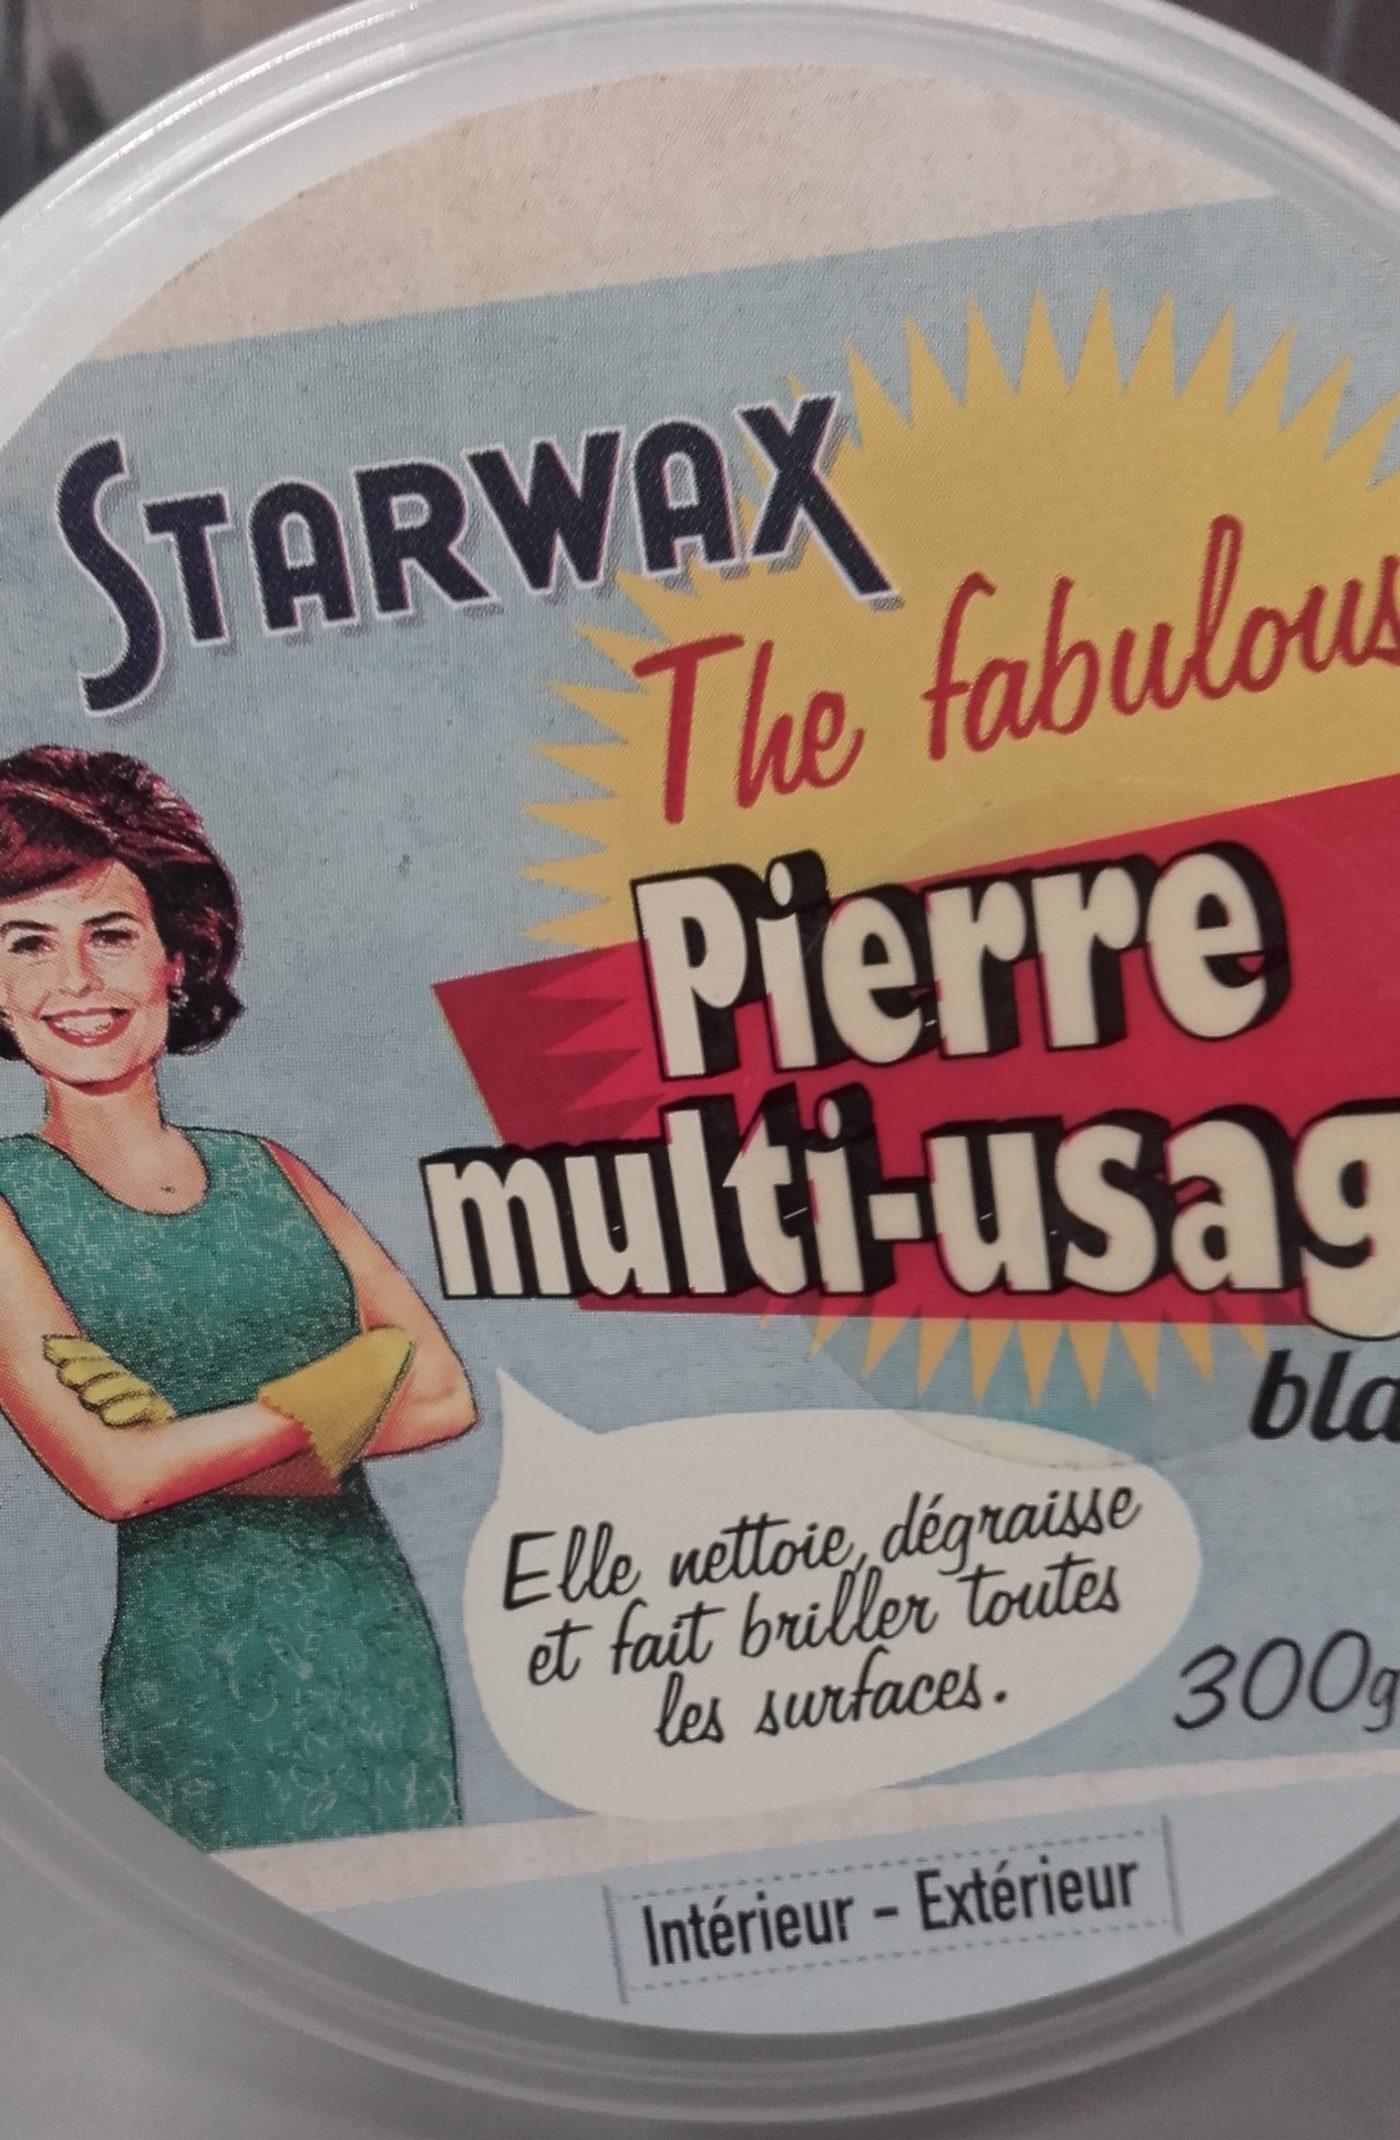 J'ai testé pour vous sTARWAX - Pierre blanche multi-usage